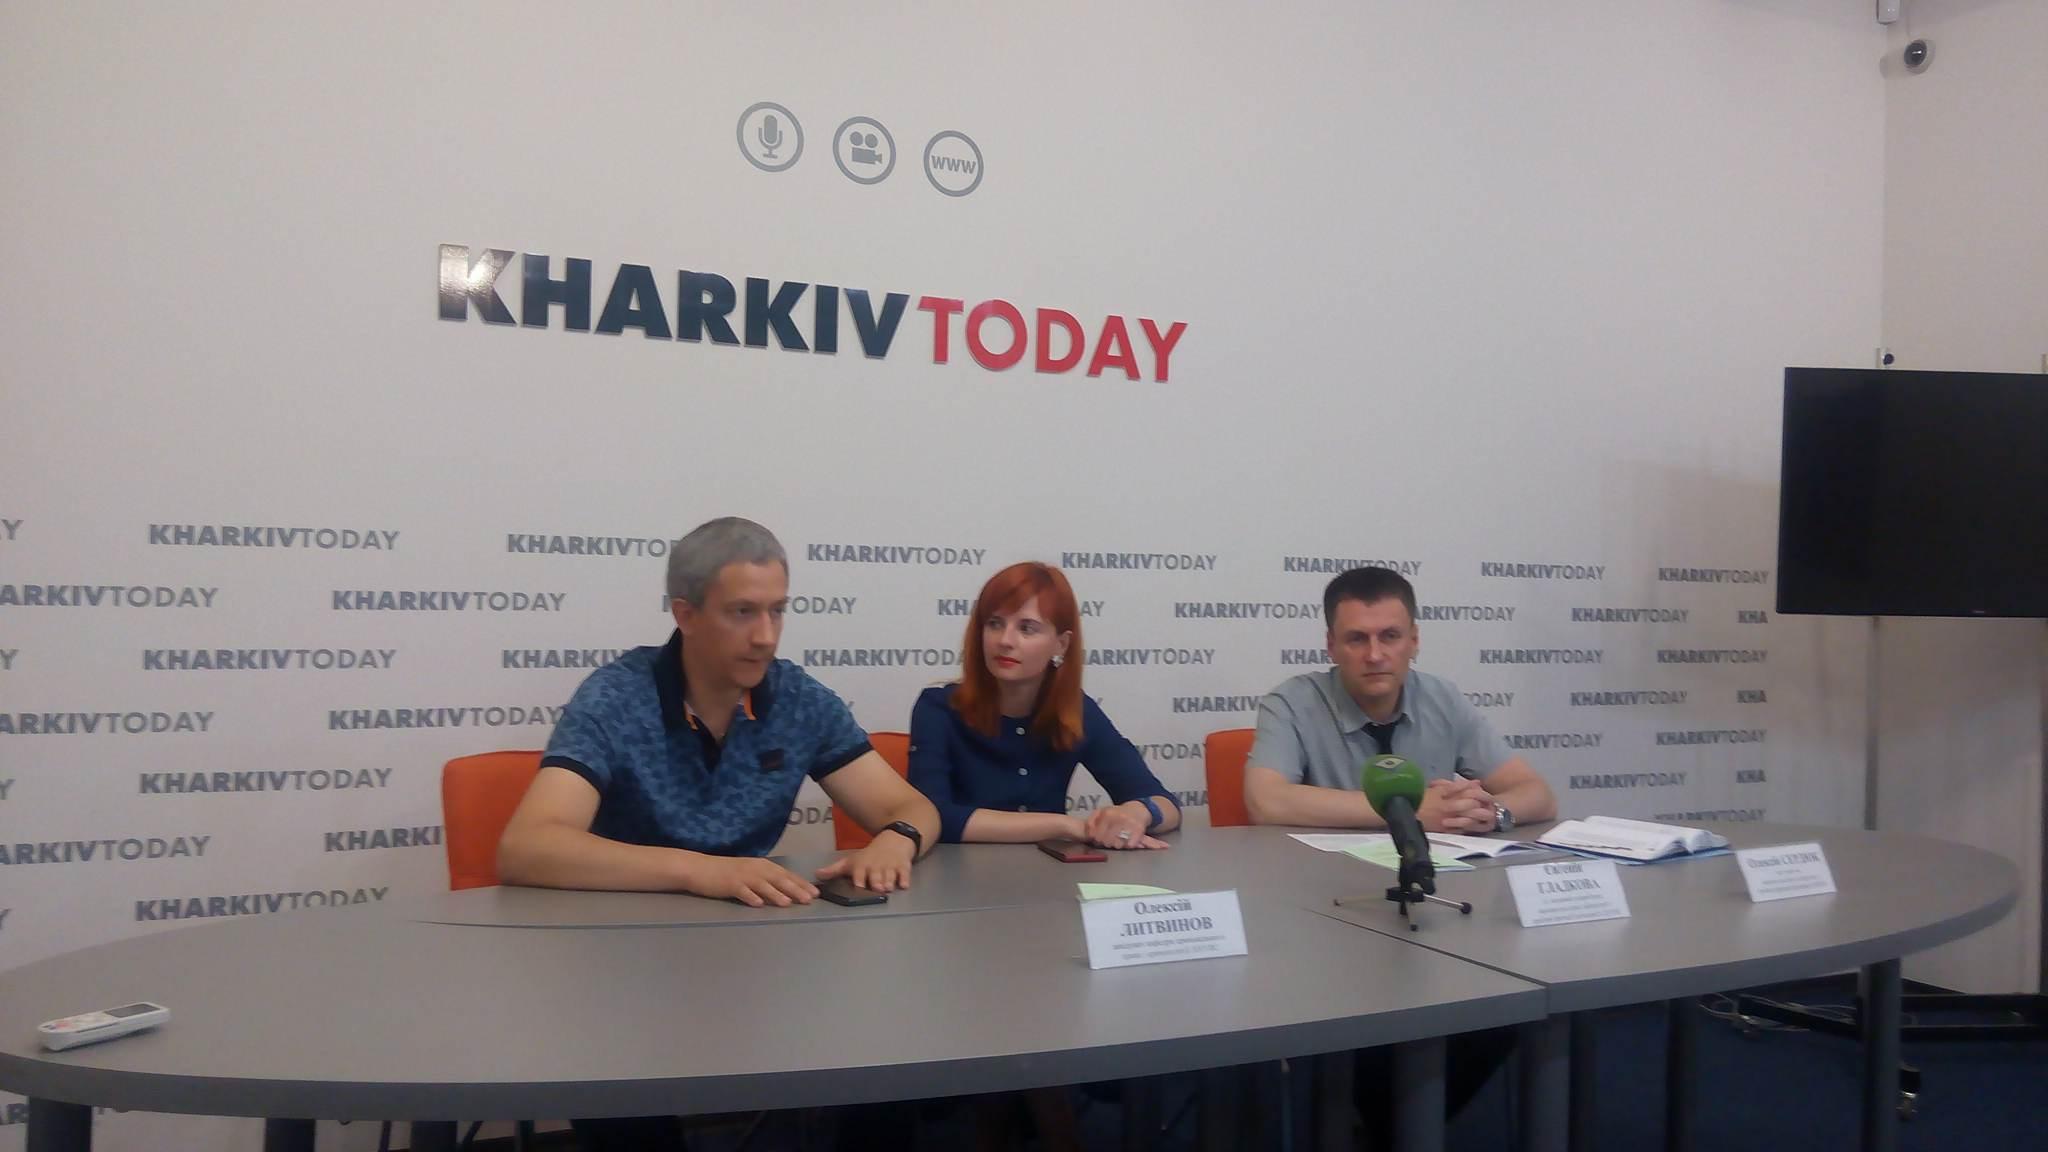 Молодежь и наркотики. В Харькове презентовали исследование, длившееся 25 лет